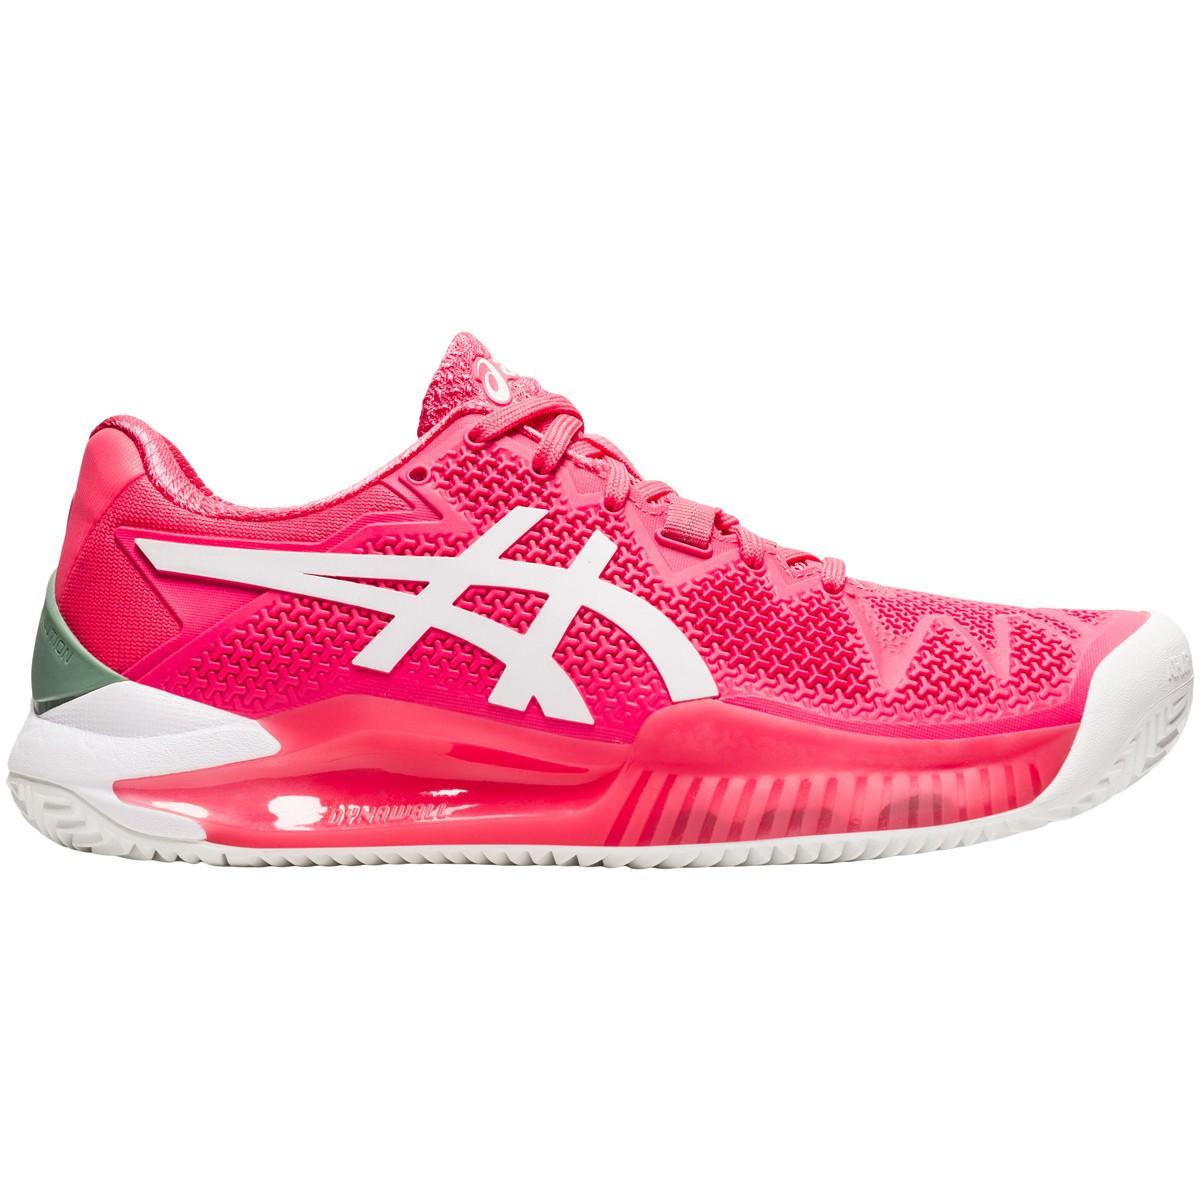 Chaussures Asics Femme Gel Resolution 8 Paris Terre Battue ...